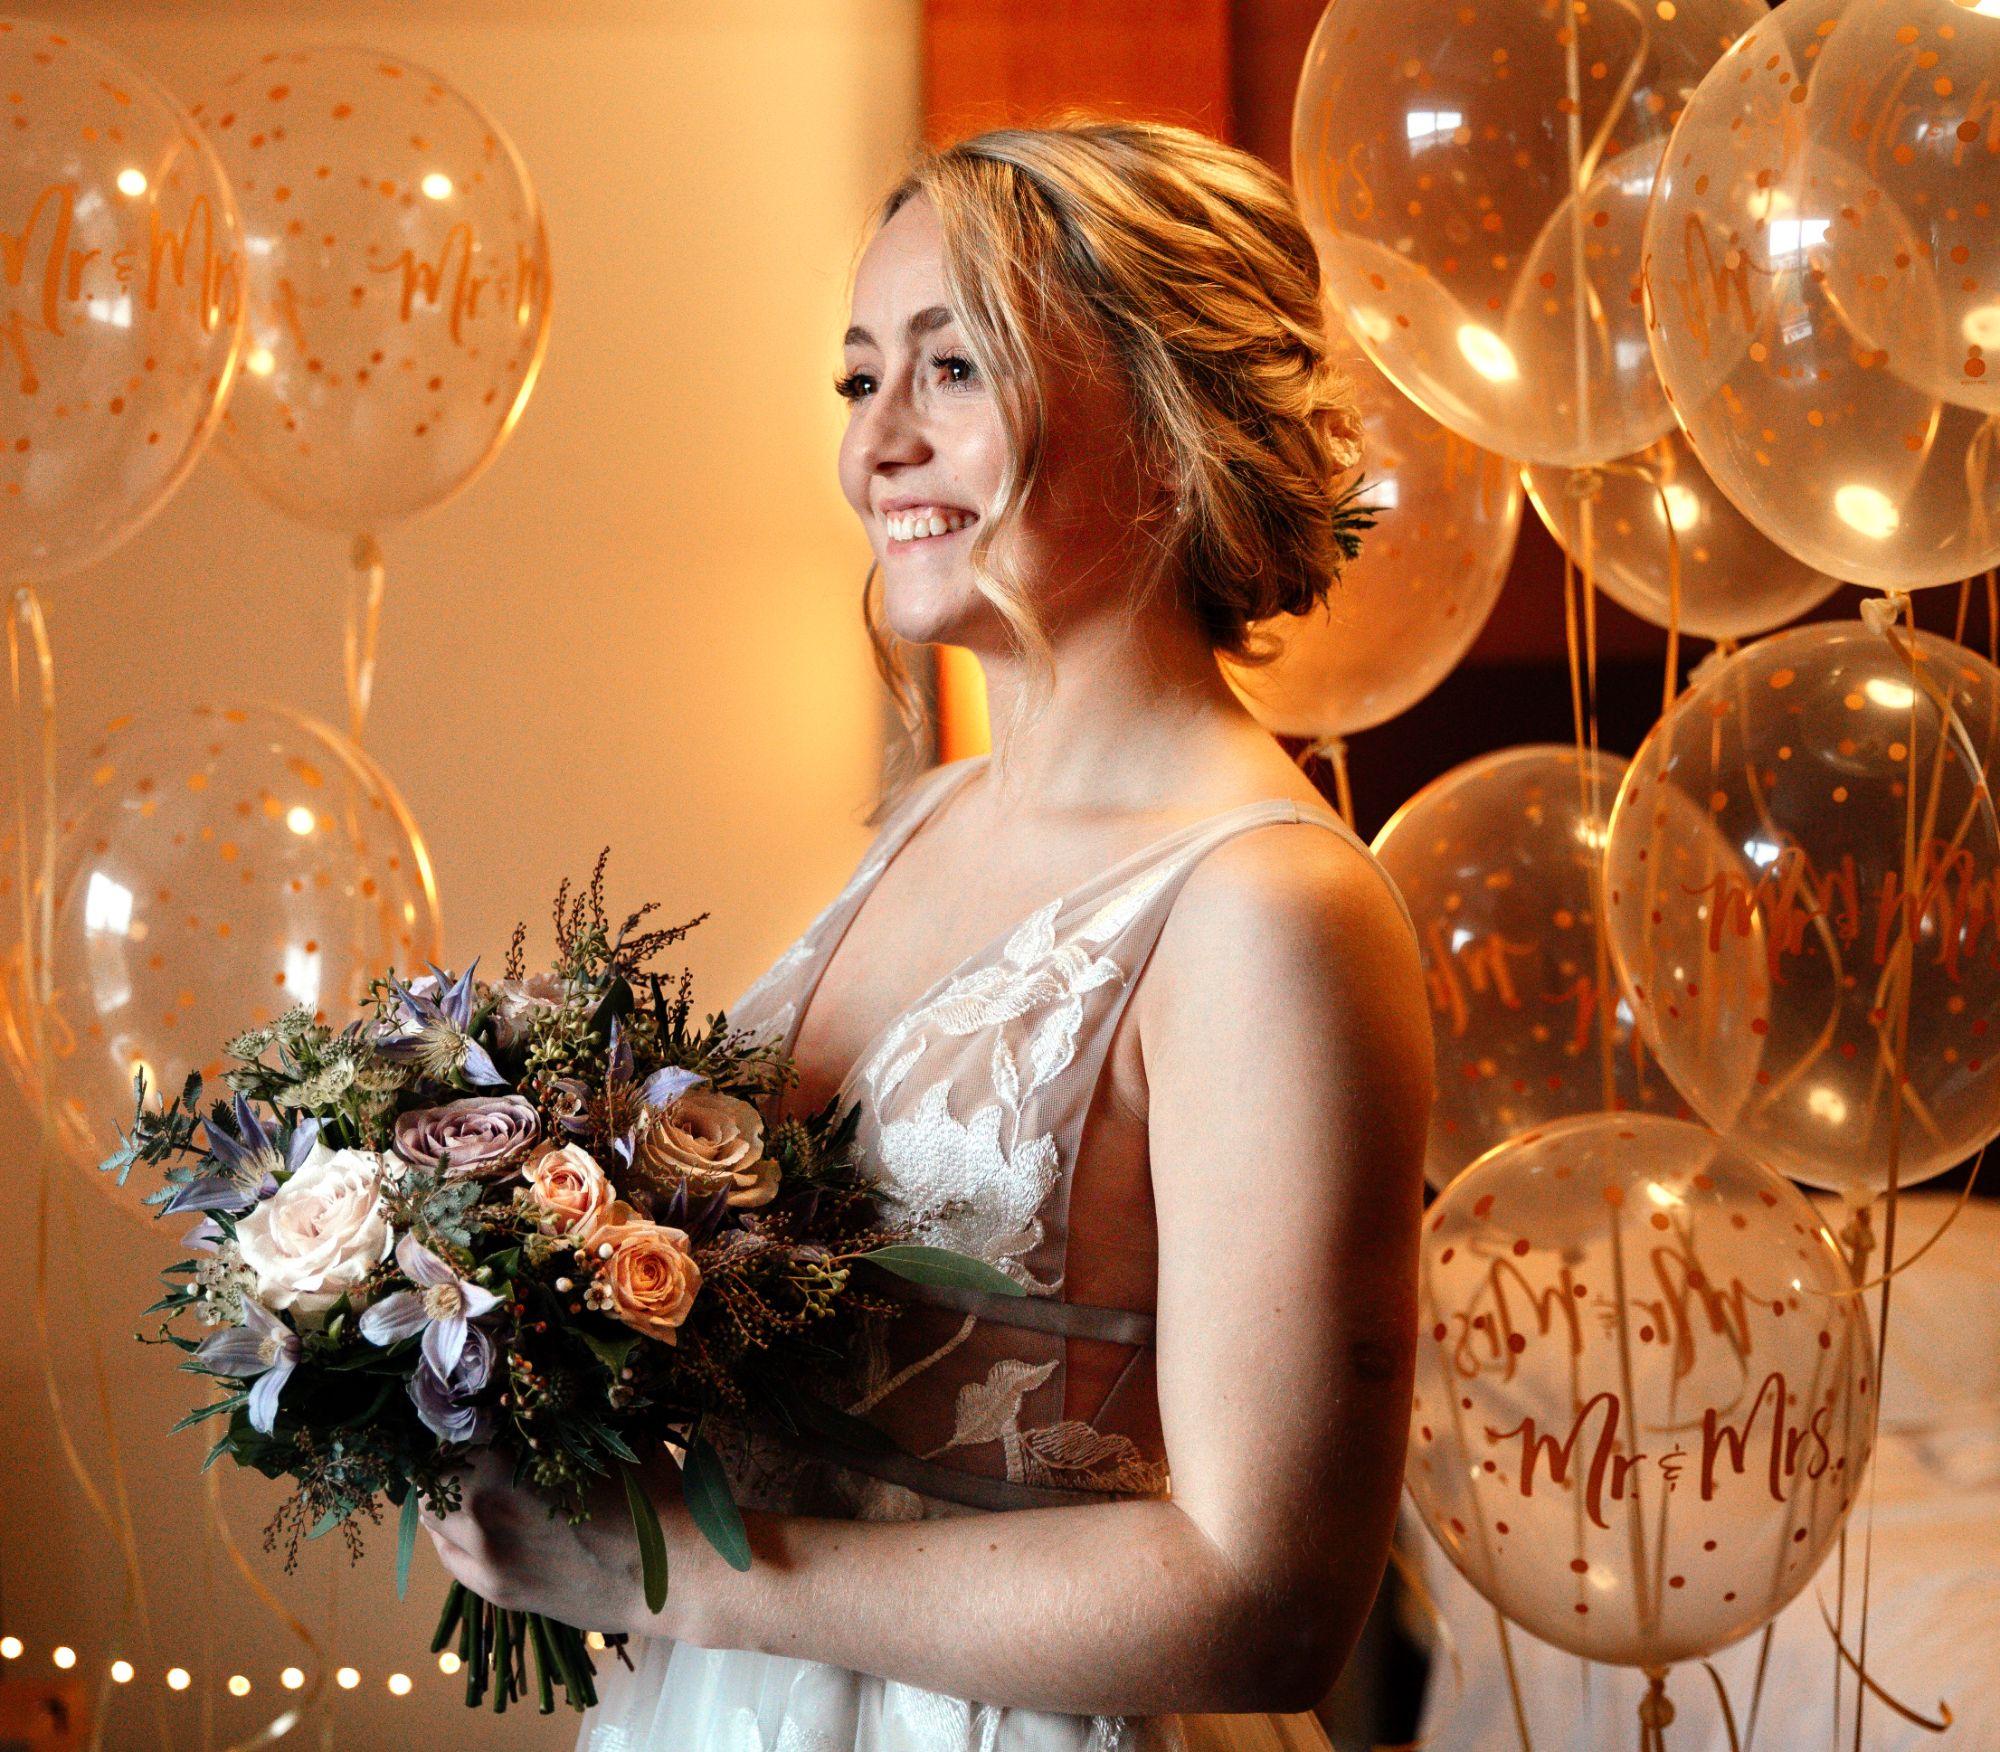 Happy bride photo